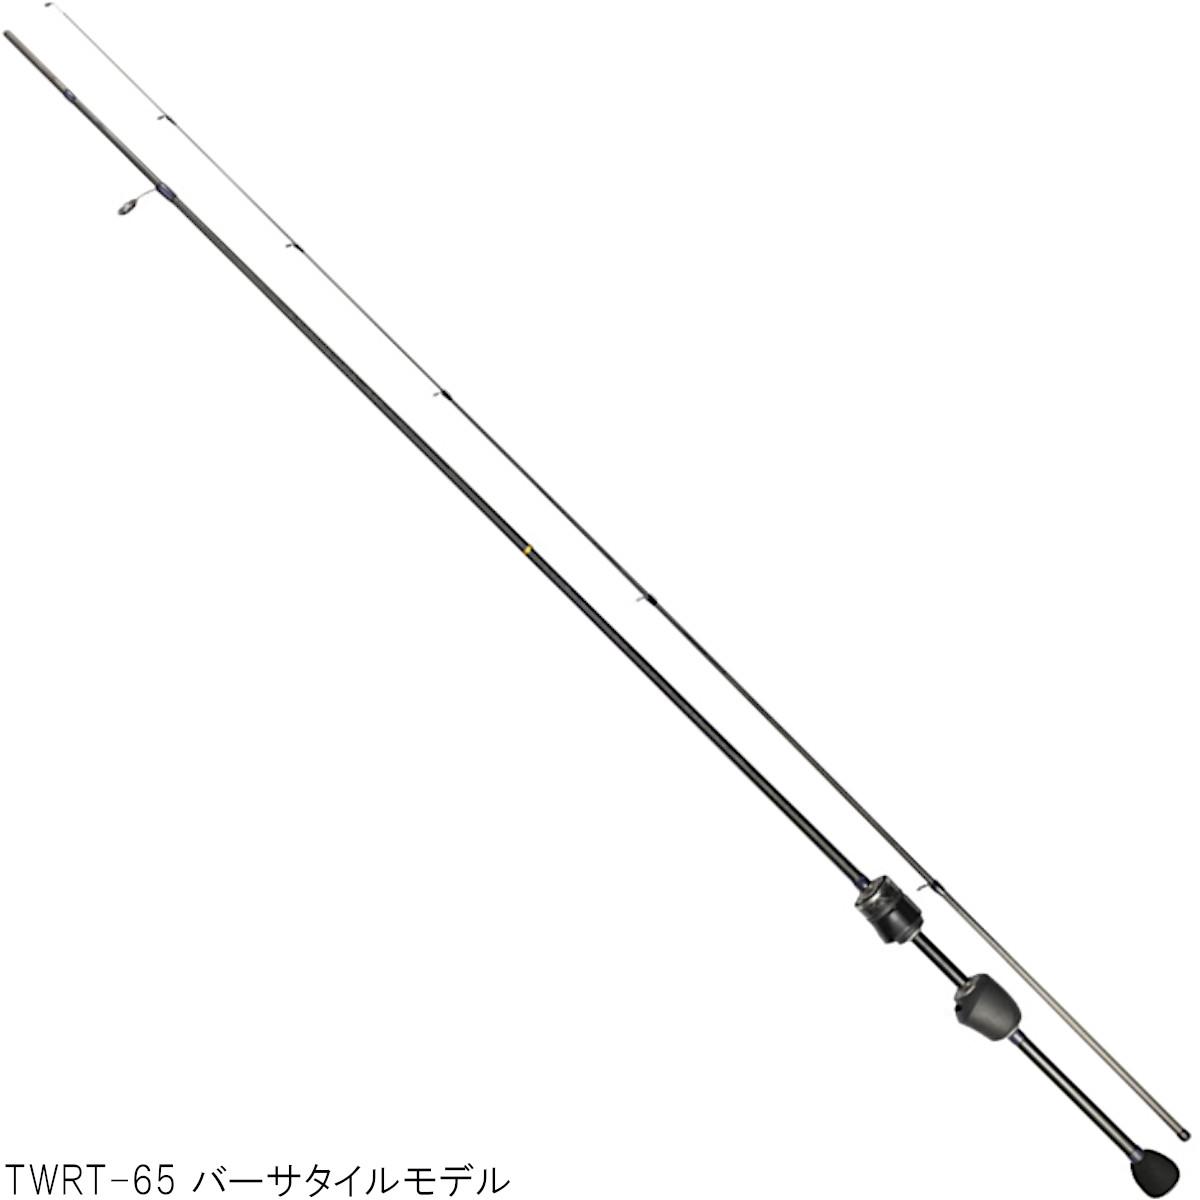 テトラワークス リアクト 65 バーサタイルモデル TWRT-65 (アジングロッド) DUO【同梱不可】